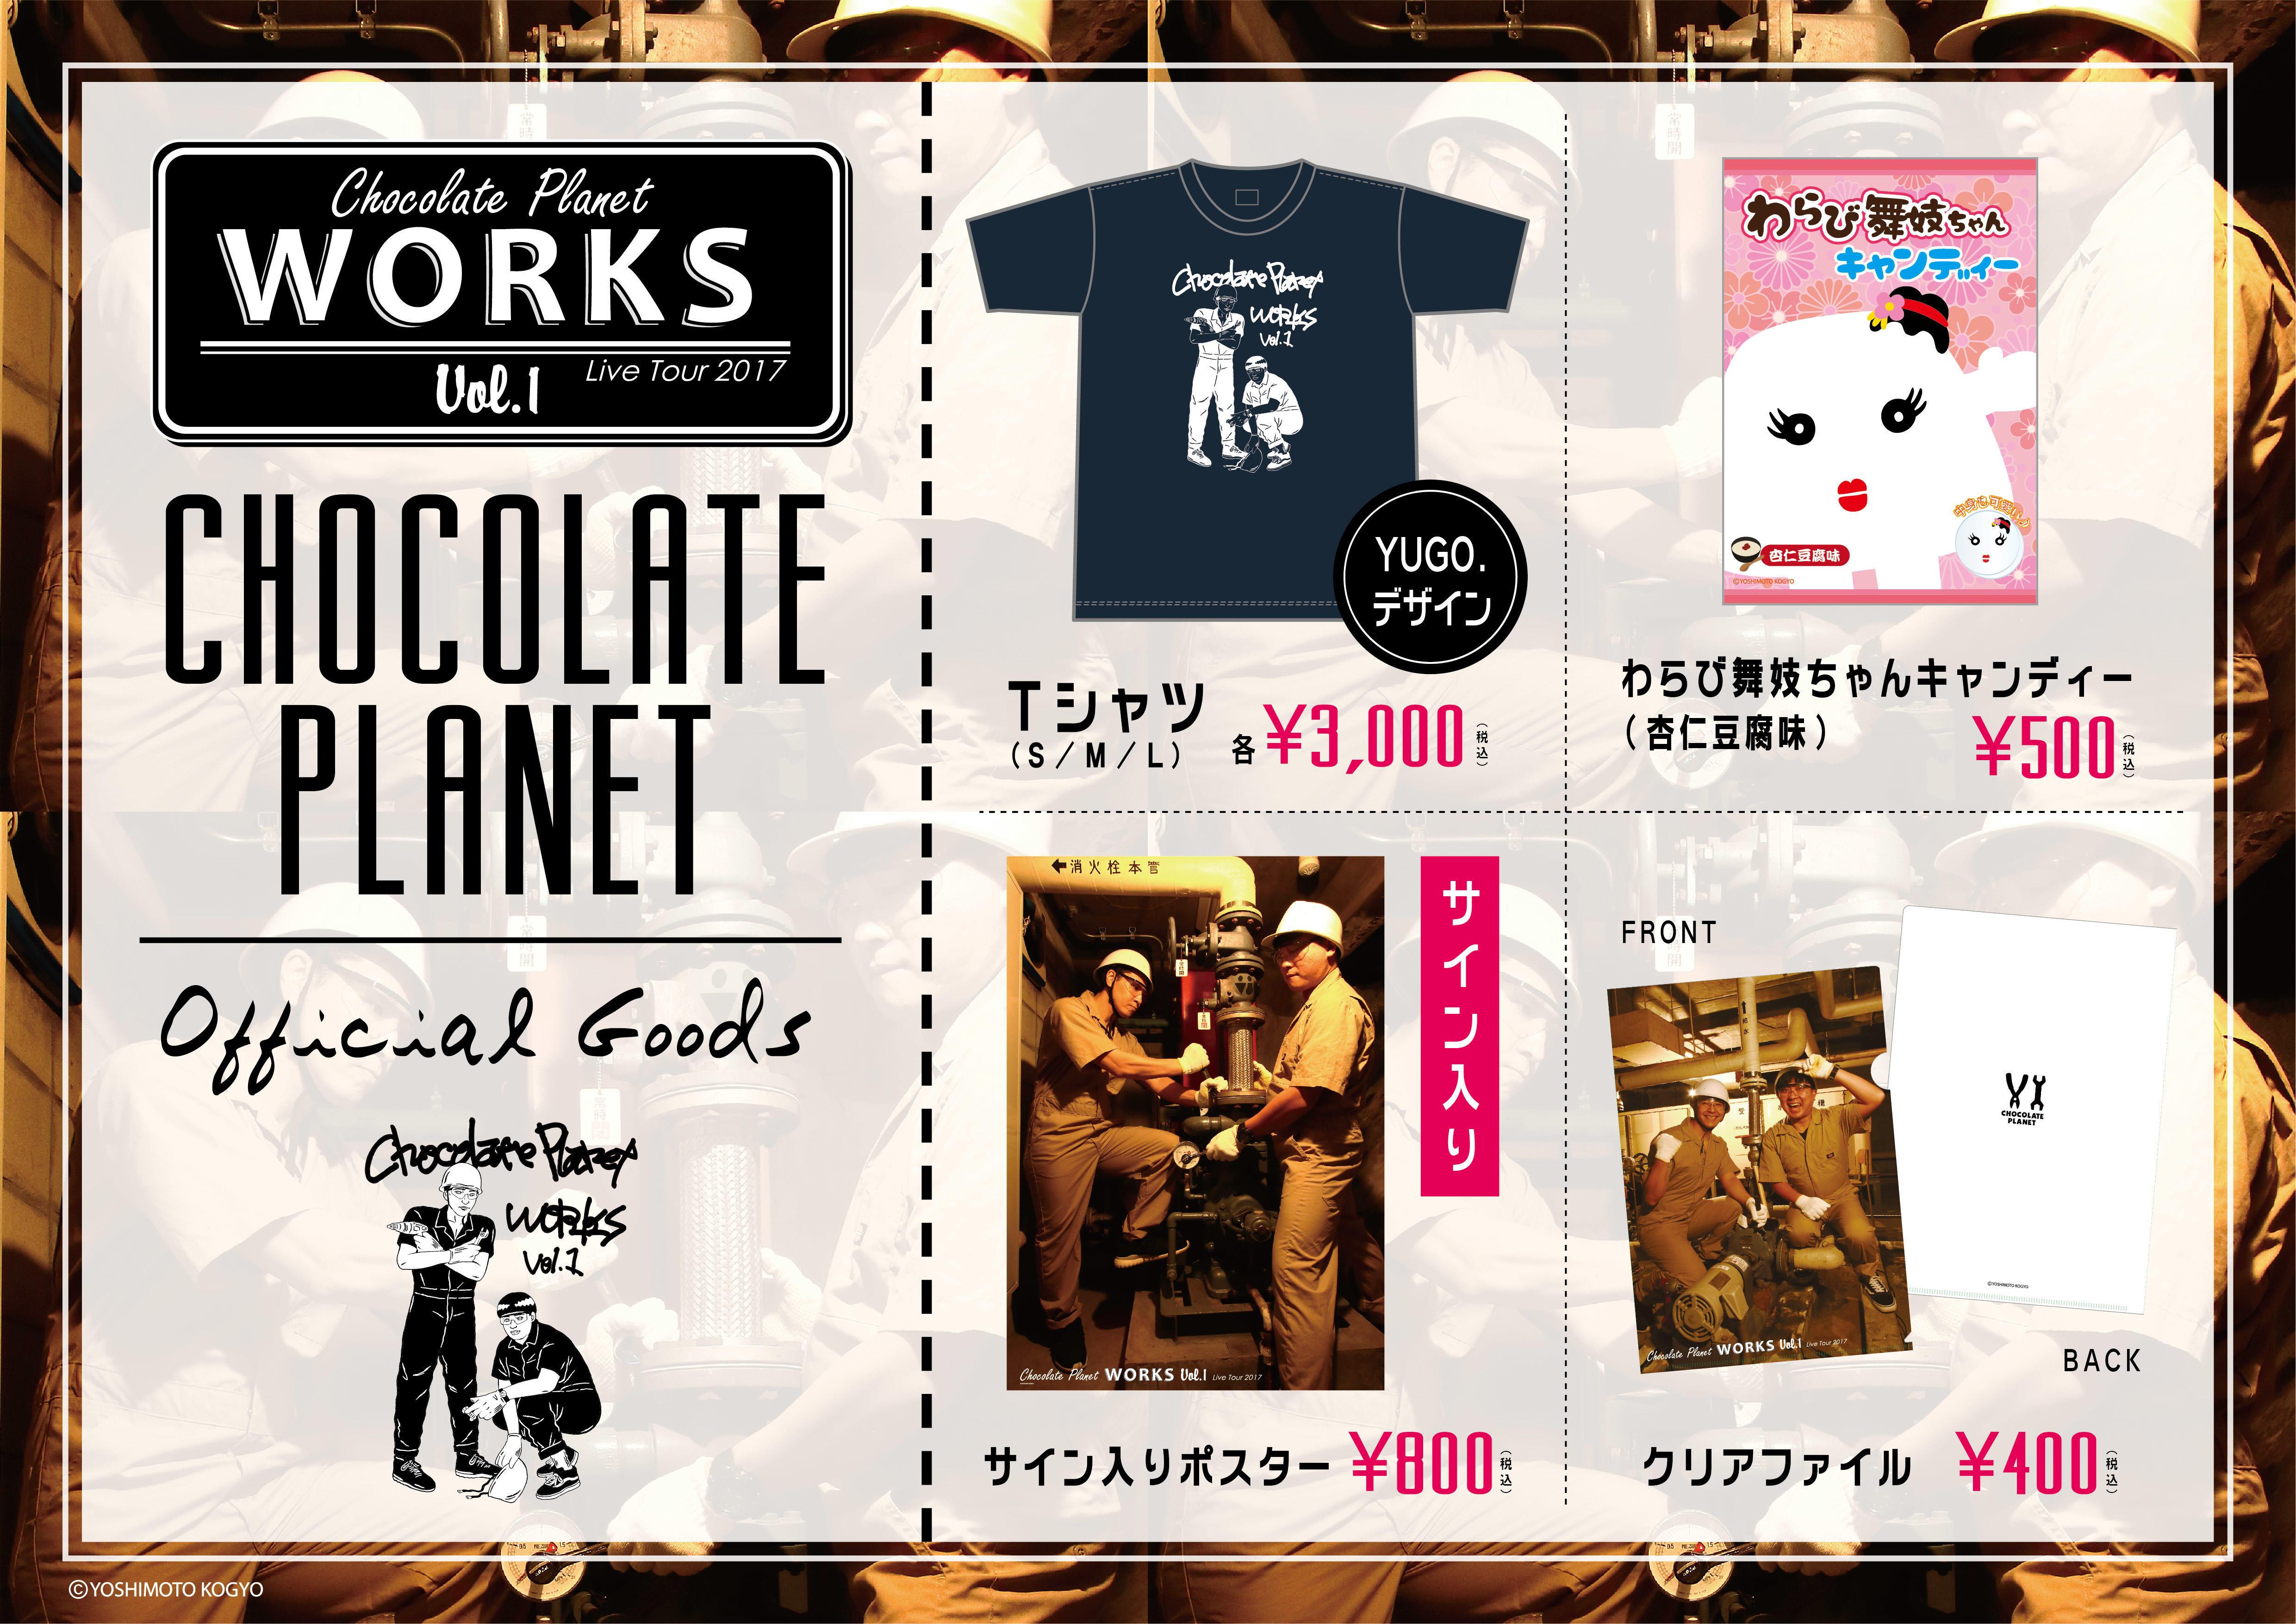 http://news.yoshimoto.co.jp/20170203144507-1705913e2259d81676458eca8aa8c1c99f90a8da.jpg